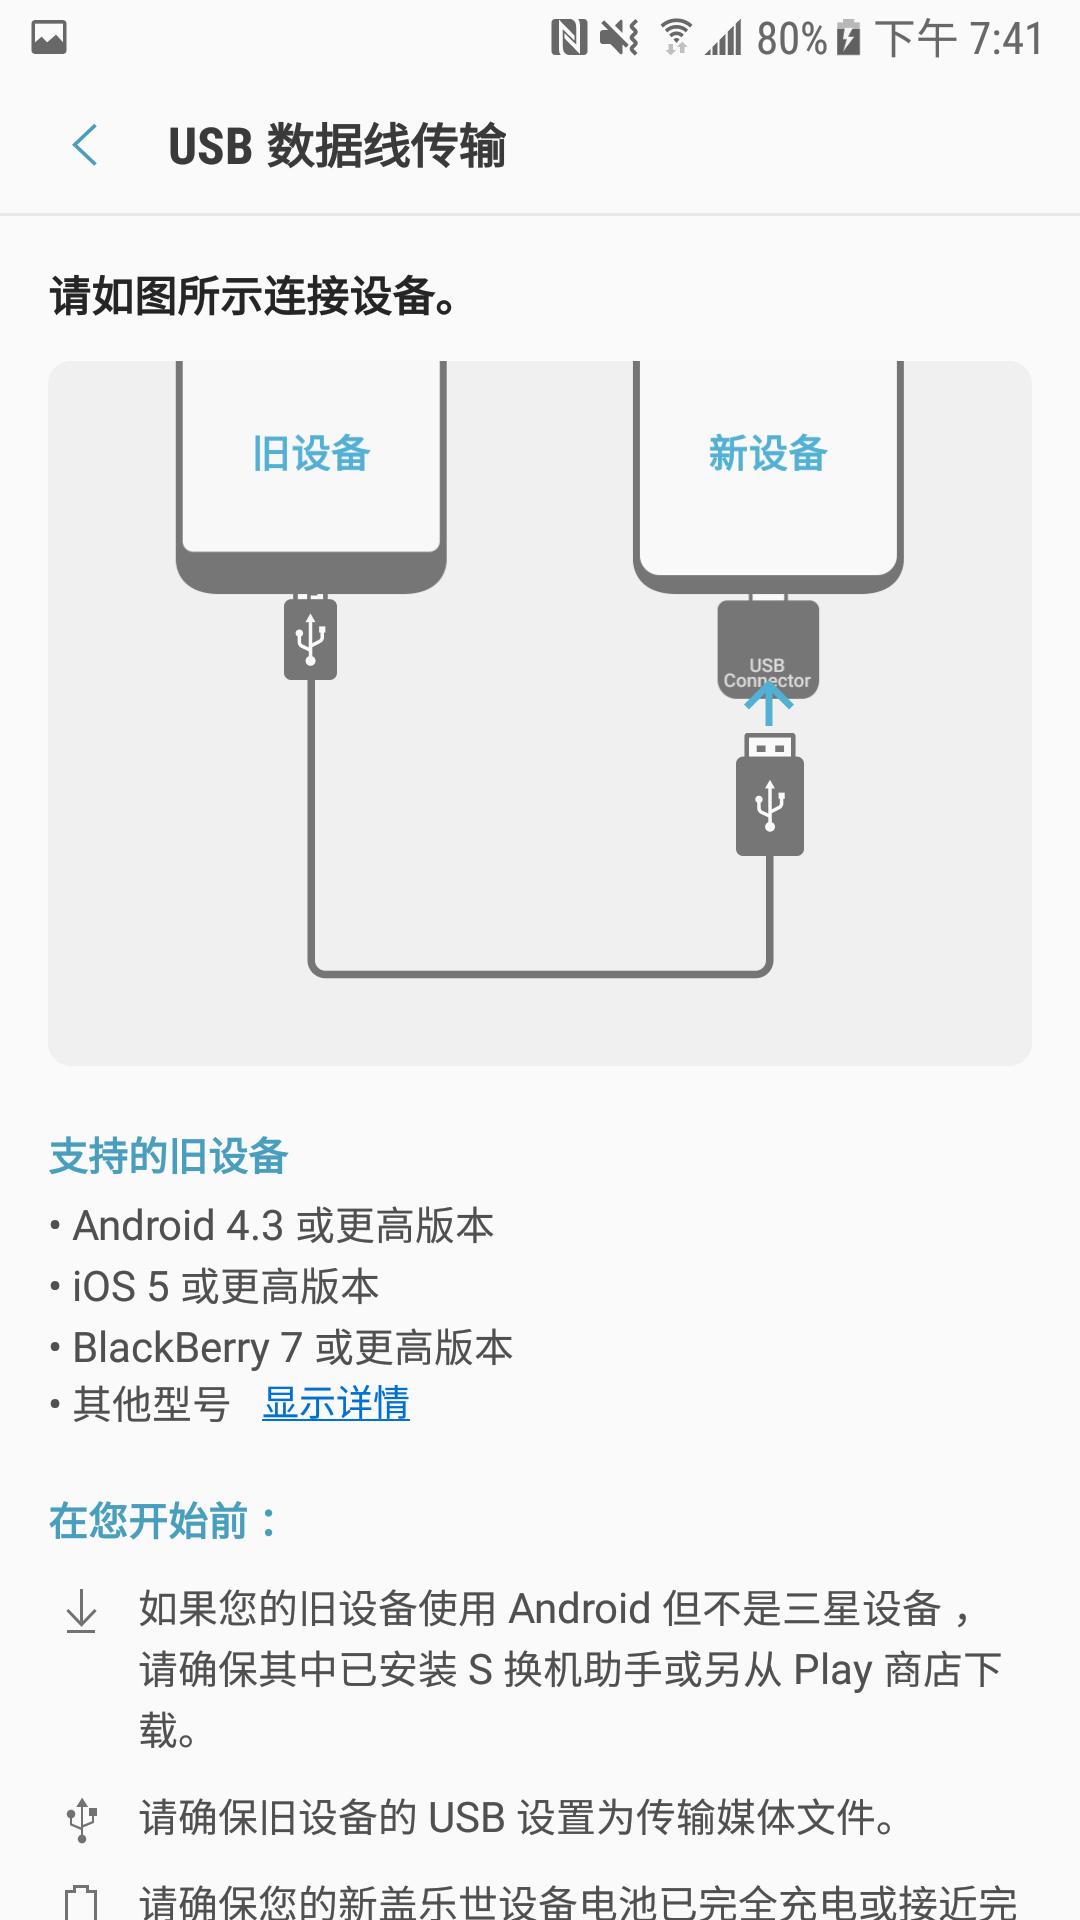 S 换机助手-应用截图